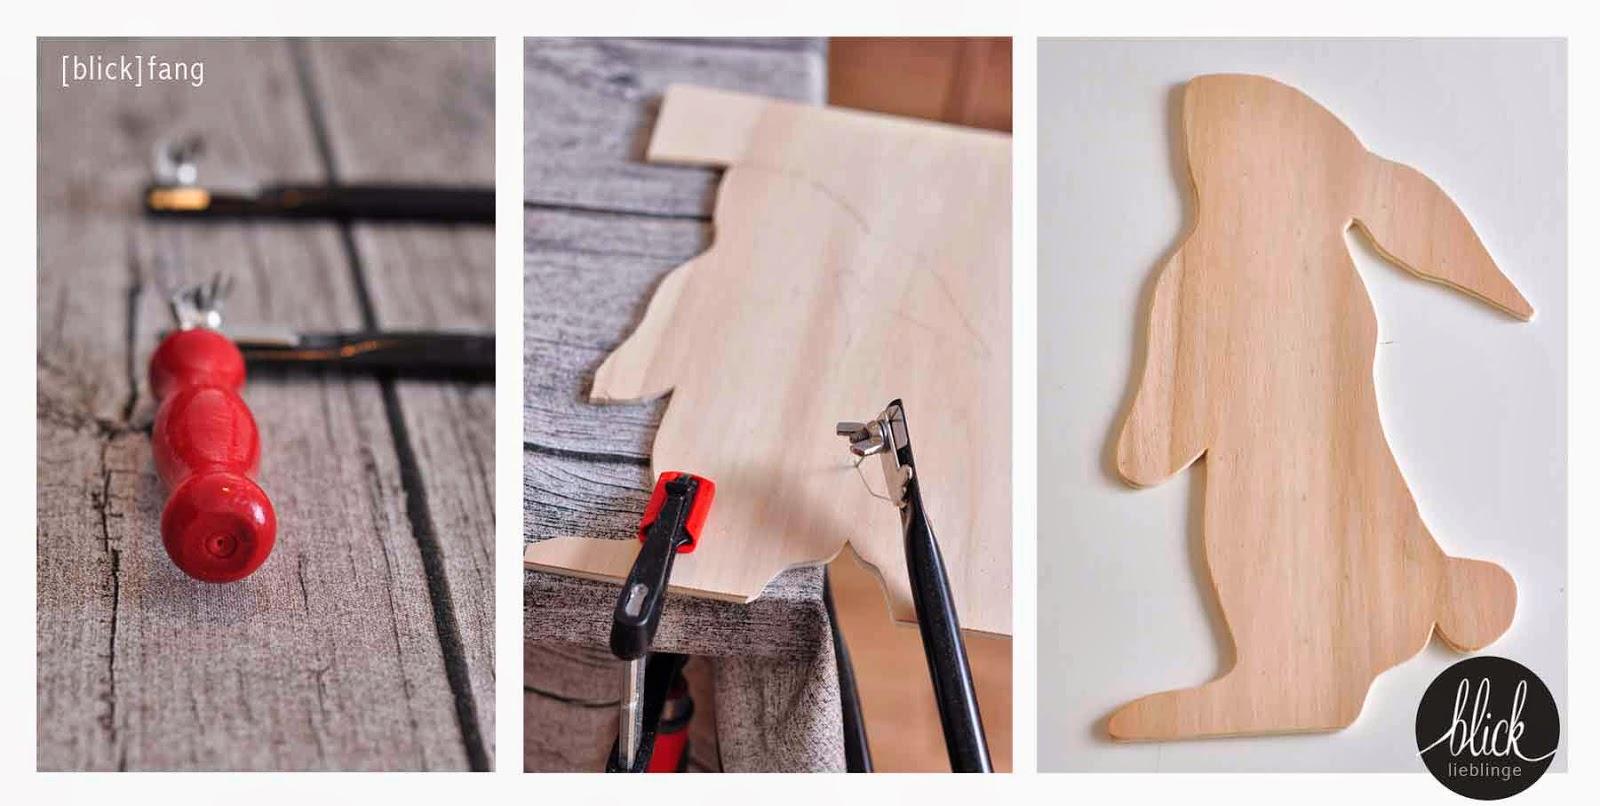 blick lieblinge holzhase. Black Bedroom Furniture Sets. Home Design Ideas